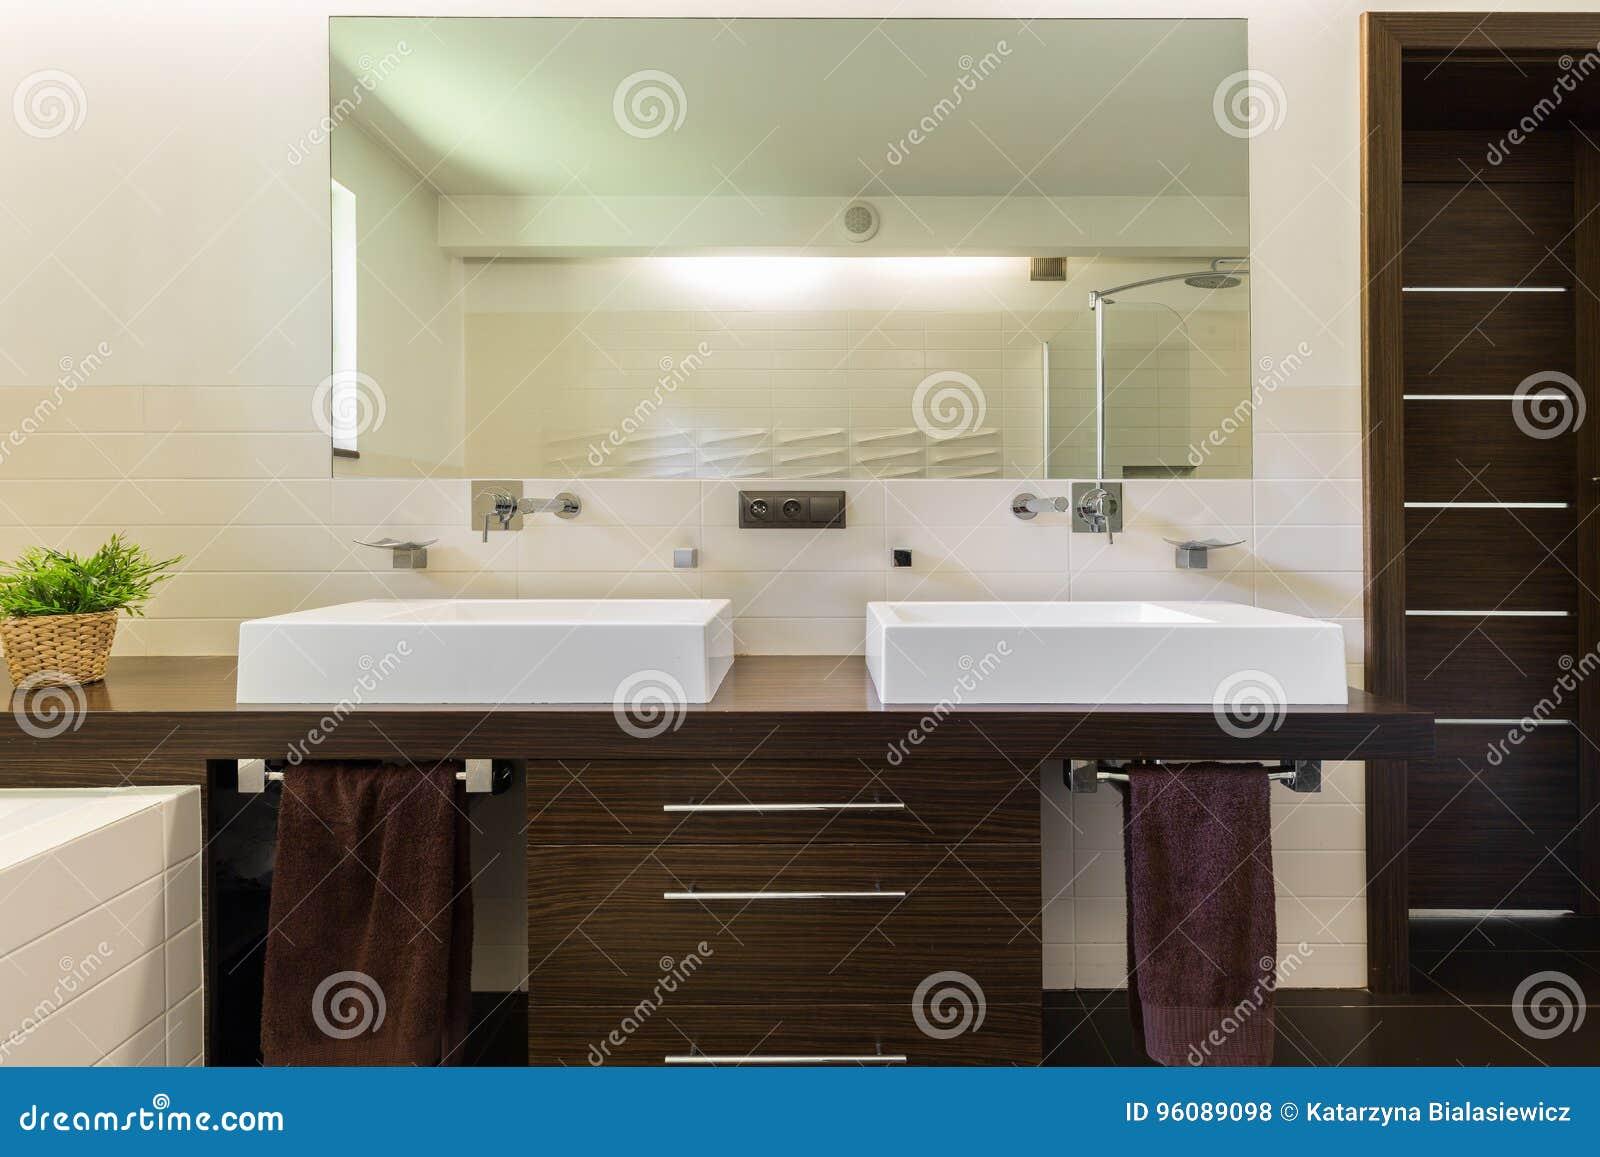 Modernes Badezimmer Mit Dunklen Mobeln Stockfoto Bild Von Dunkel